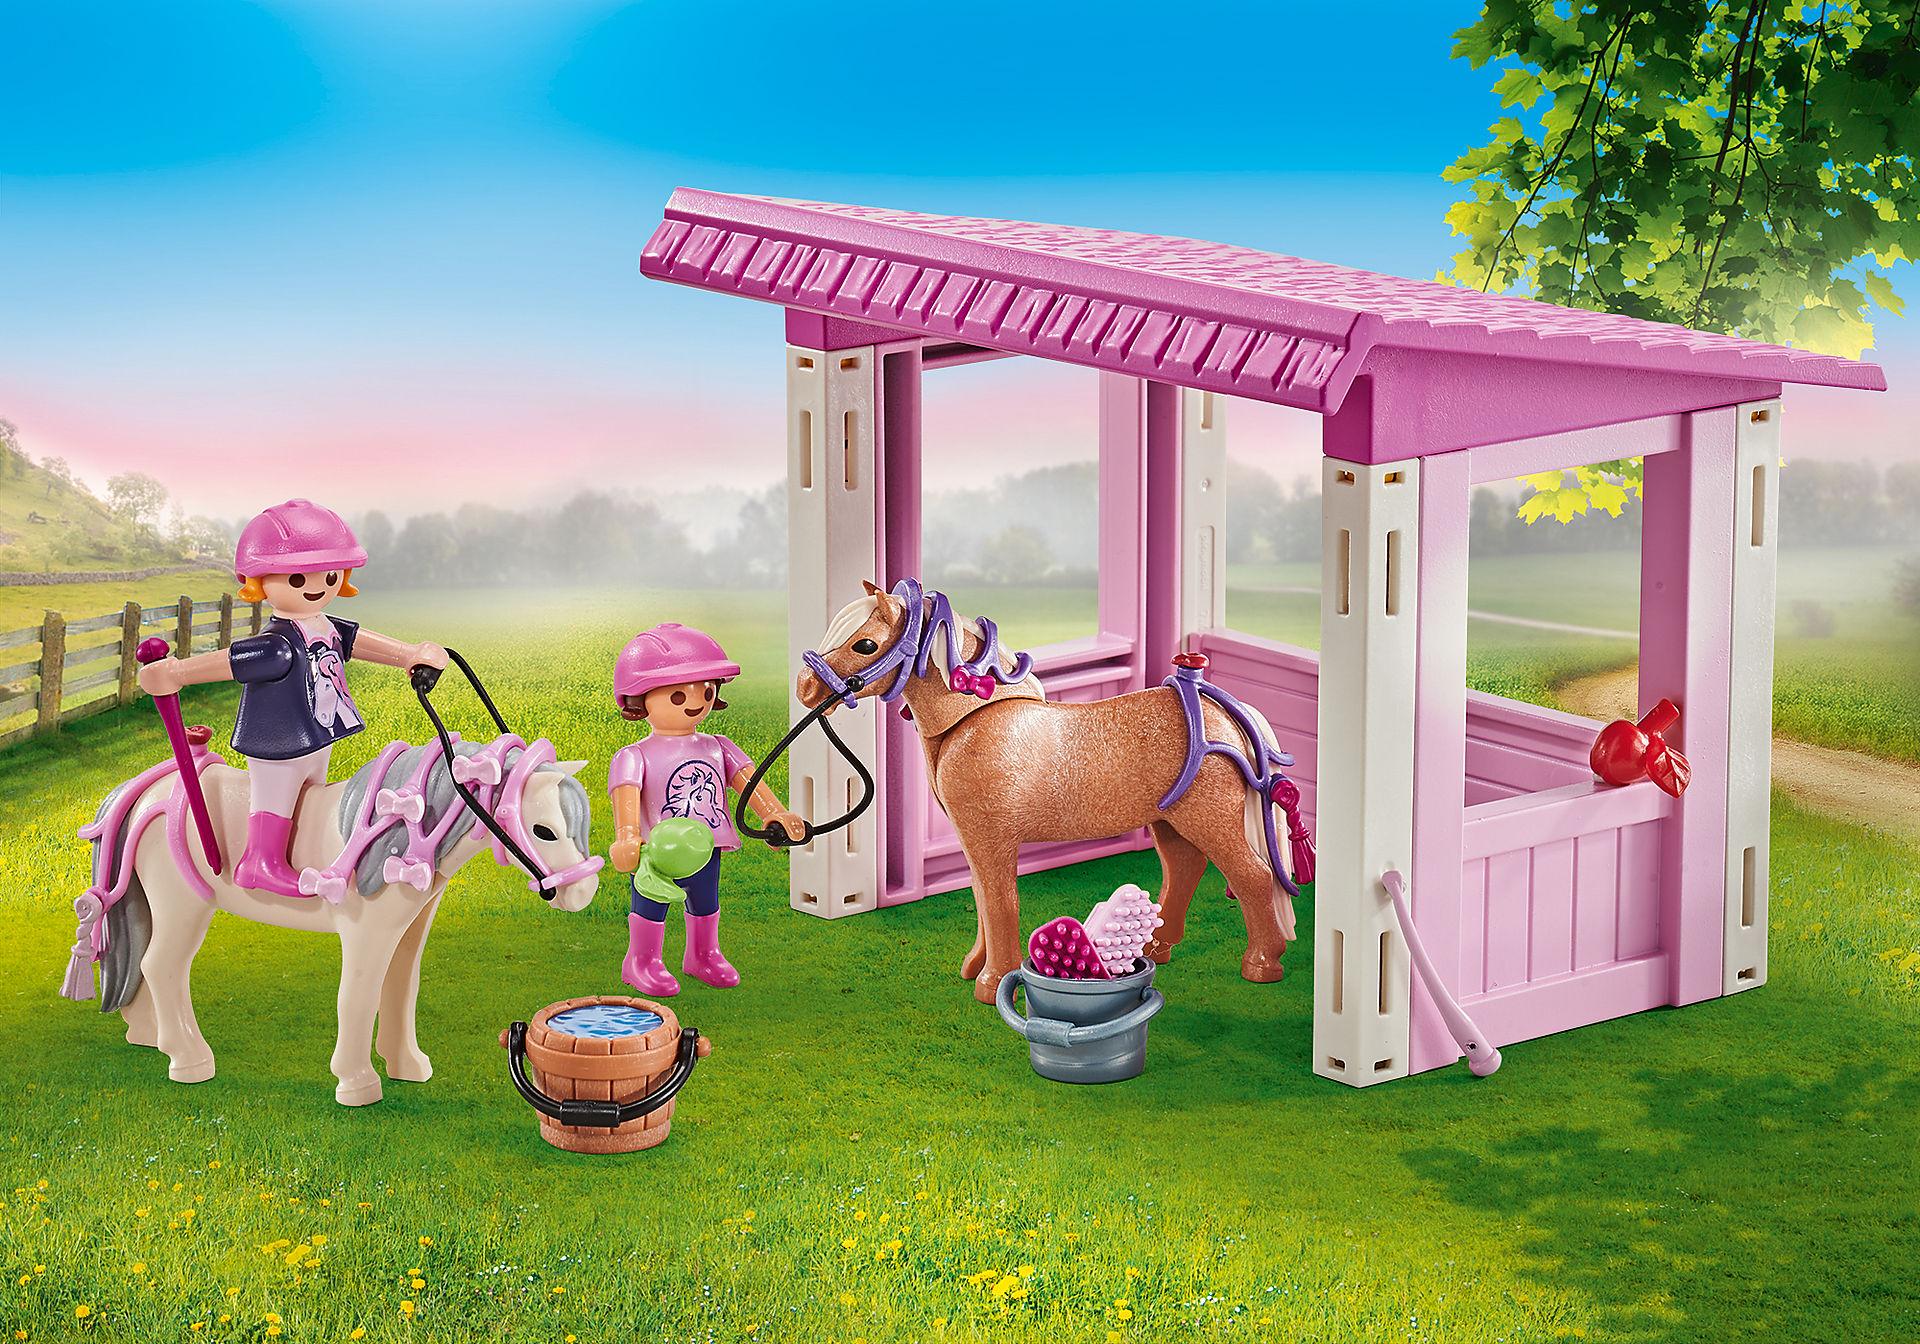 9878 Unterstand mit Ponys und Prinzessinnen zoom image1